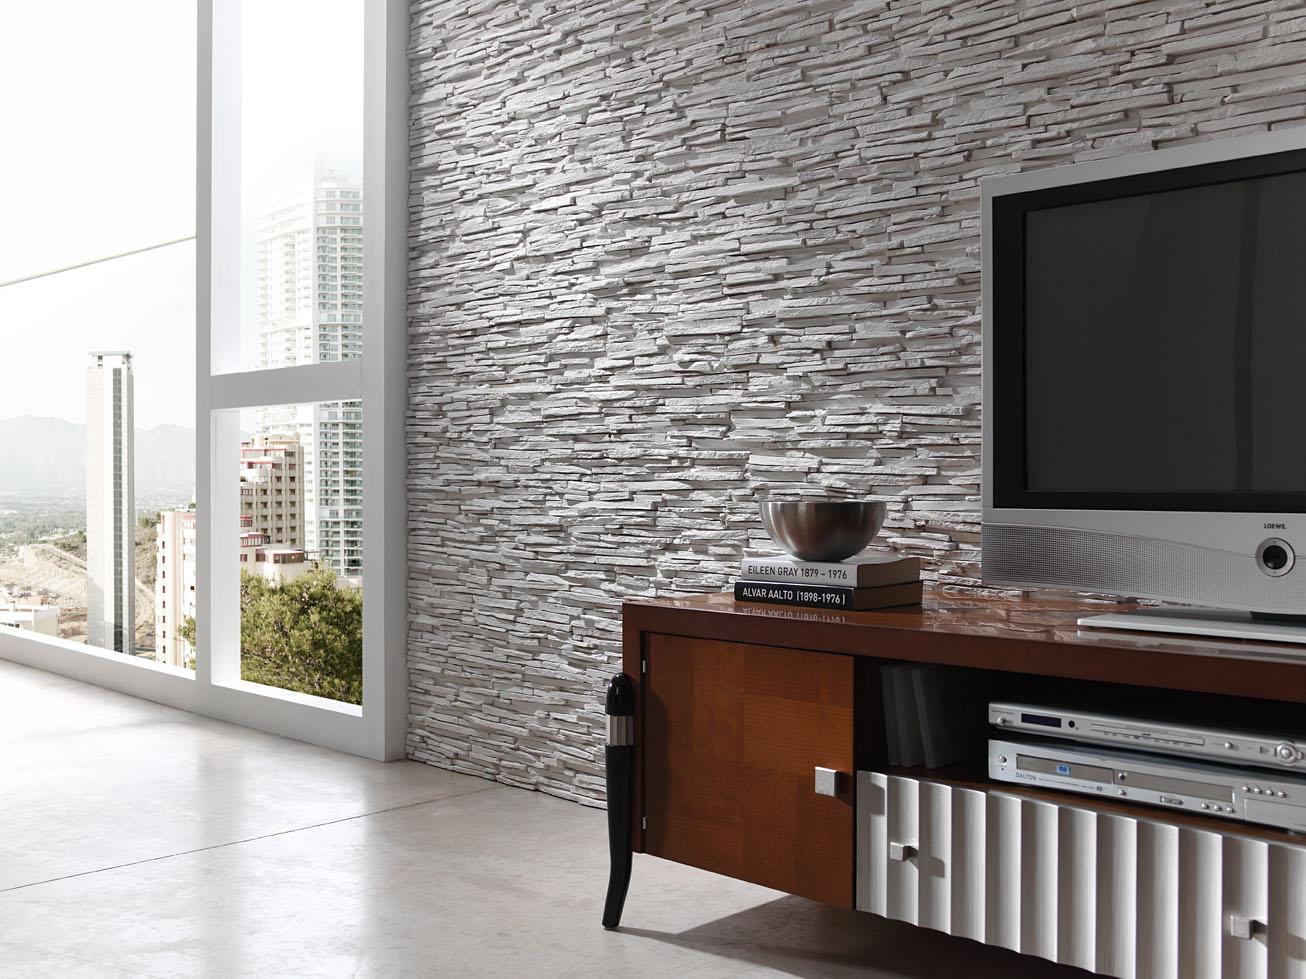 Panel piedra pizarra alepes - Piedras decorativas para pared ...